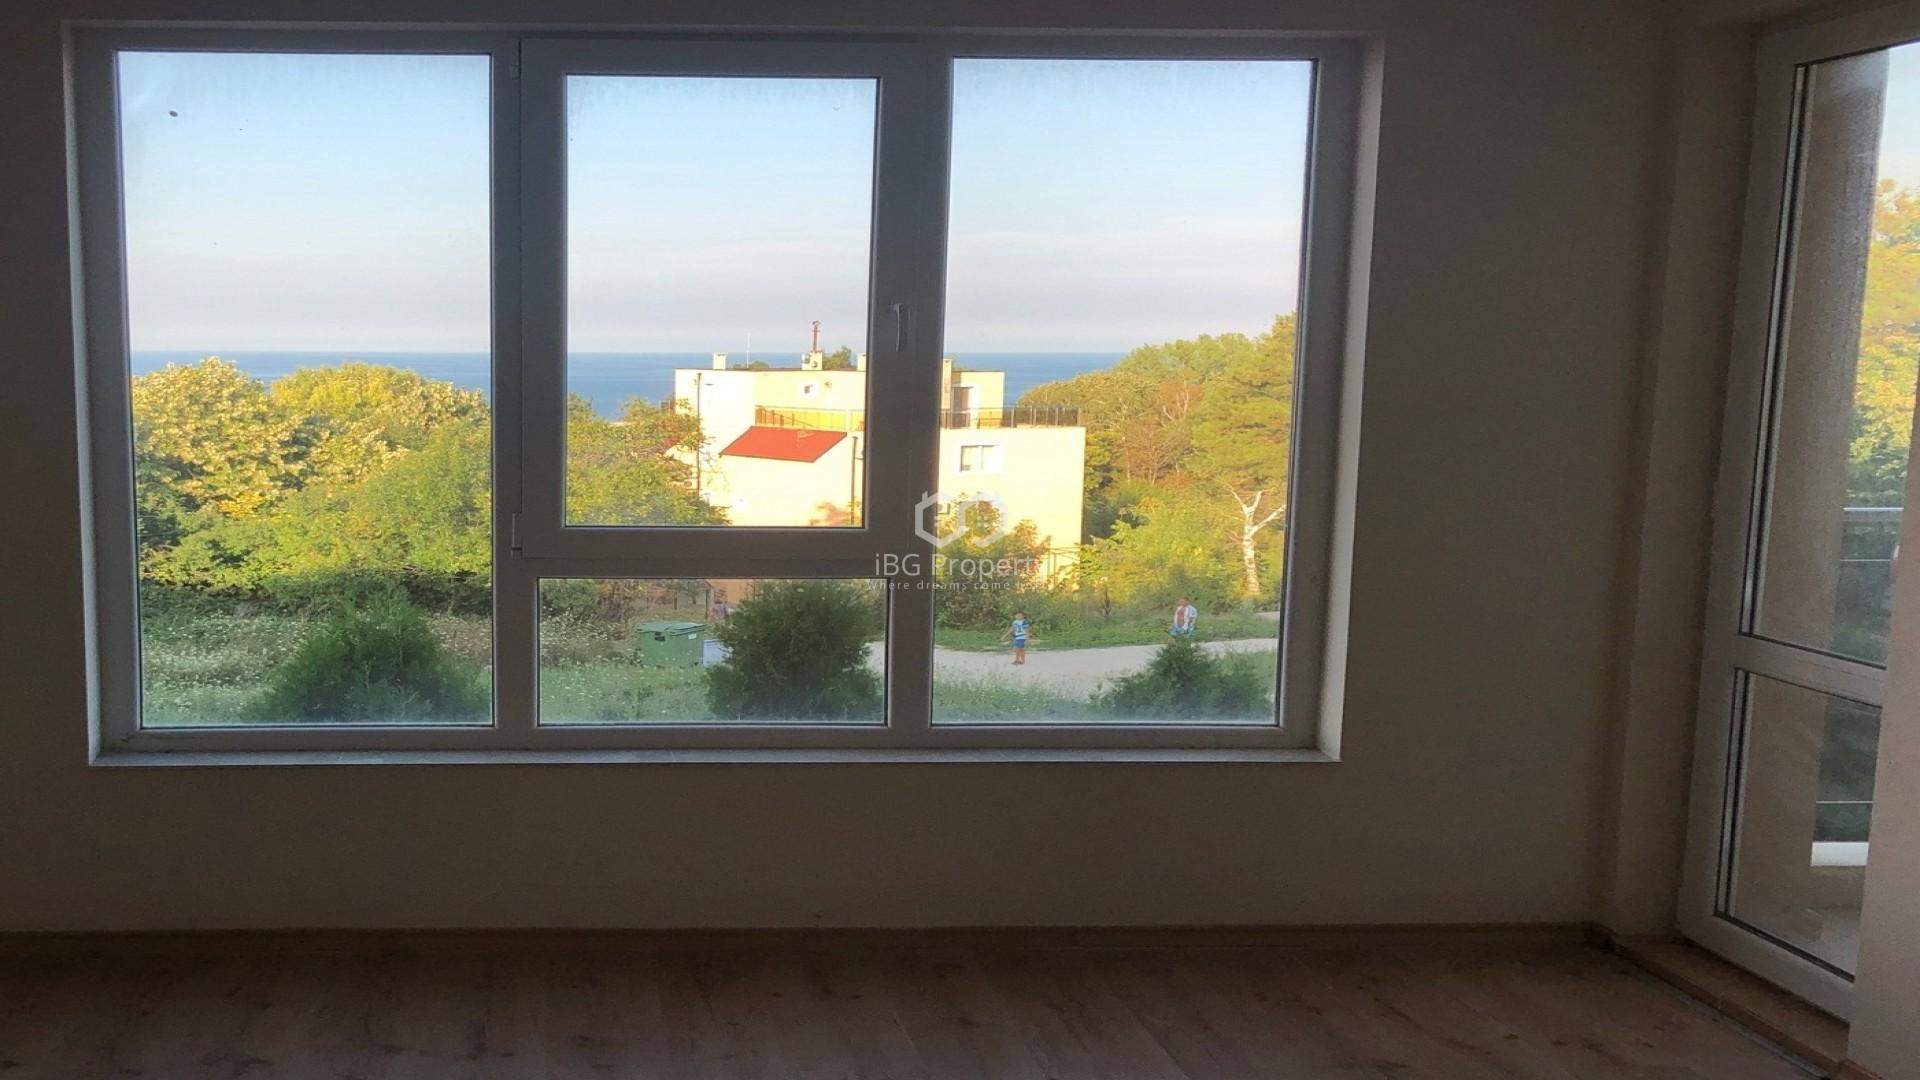 Двухкомнатная квартира Бяла 66 m2